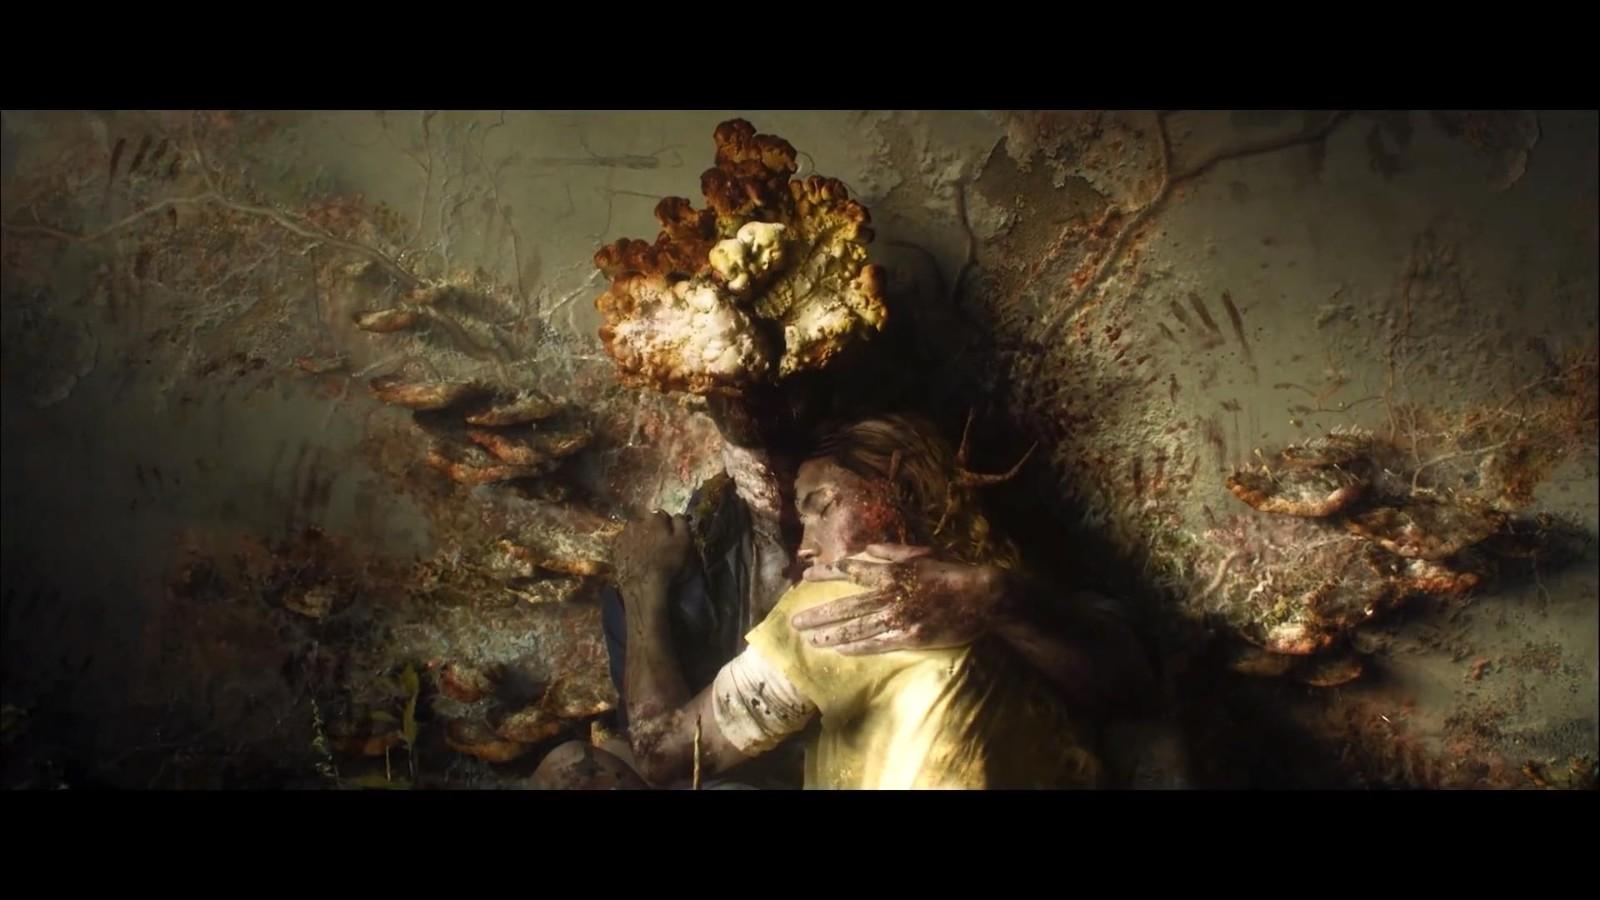 粉丝自制《最后的生还者》短片 剧情非常感人